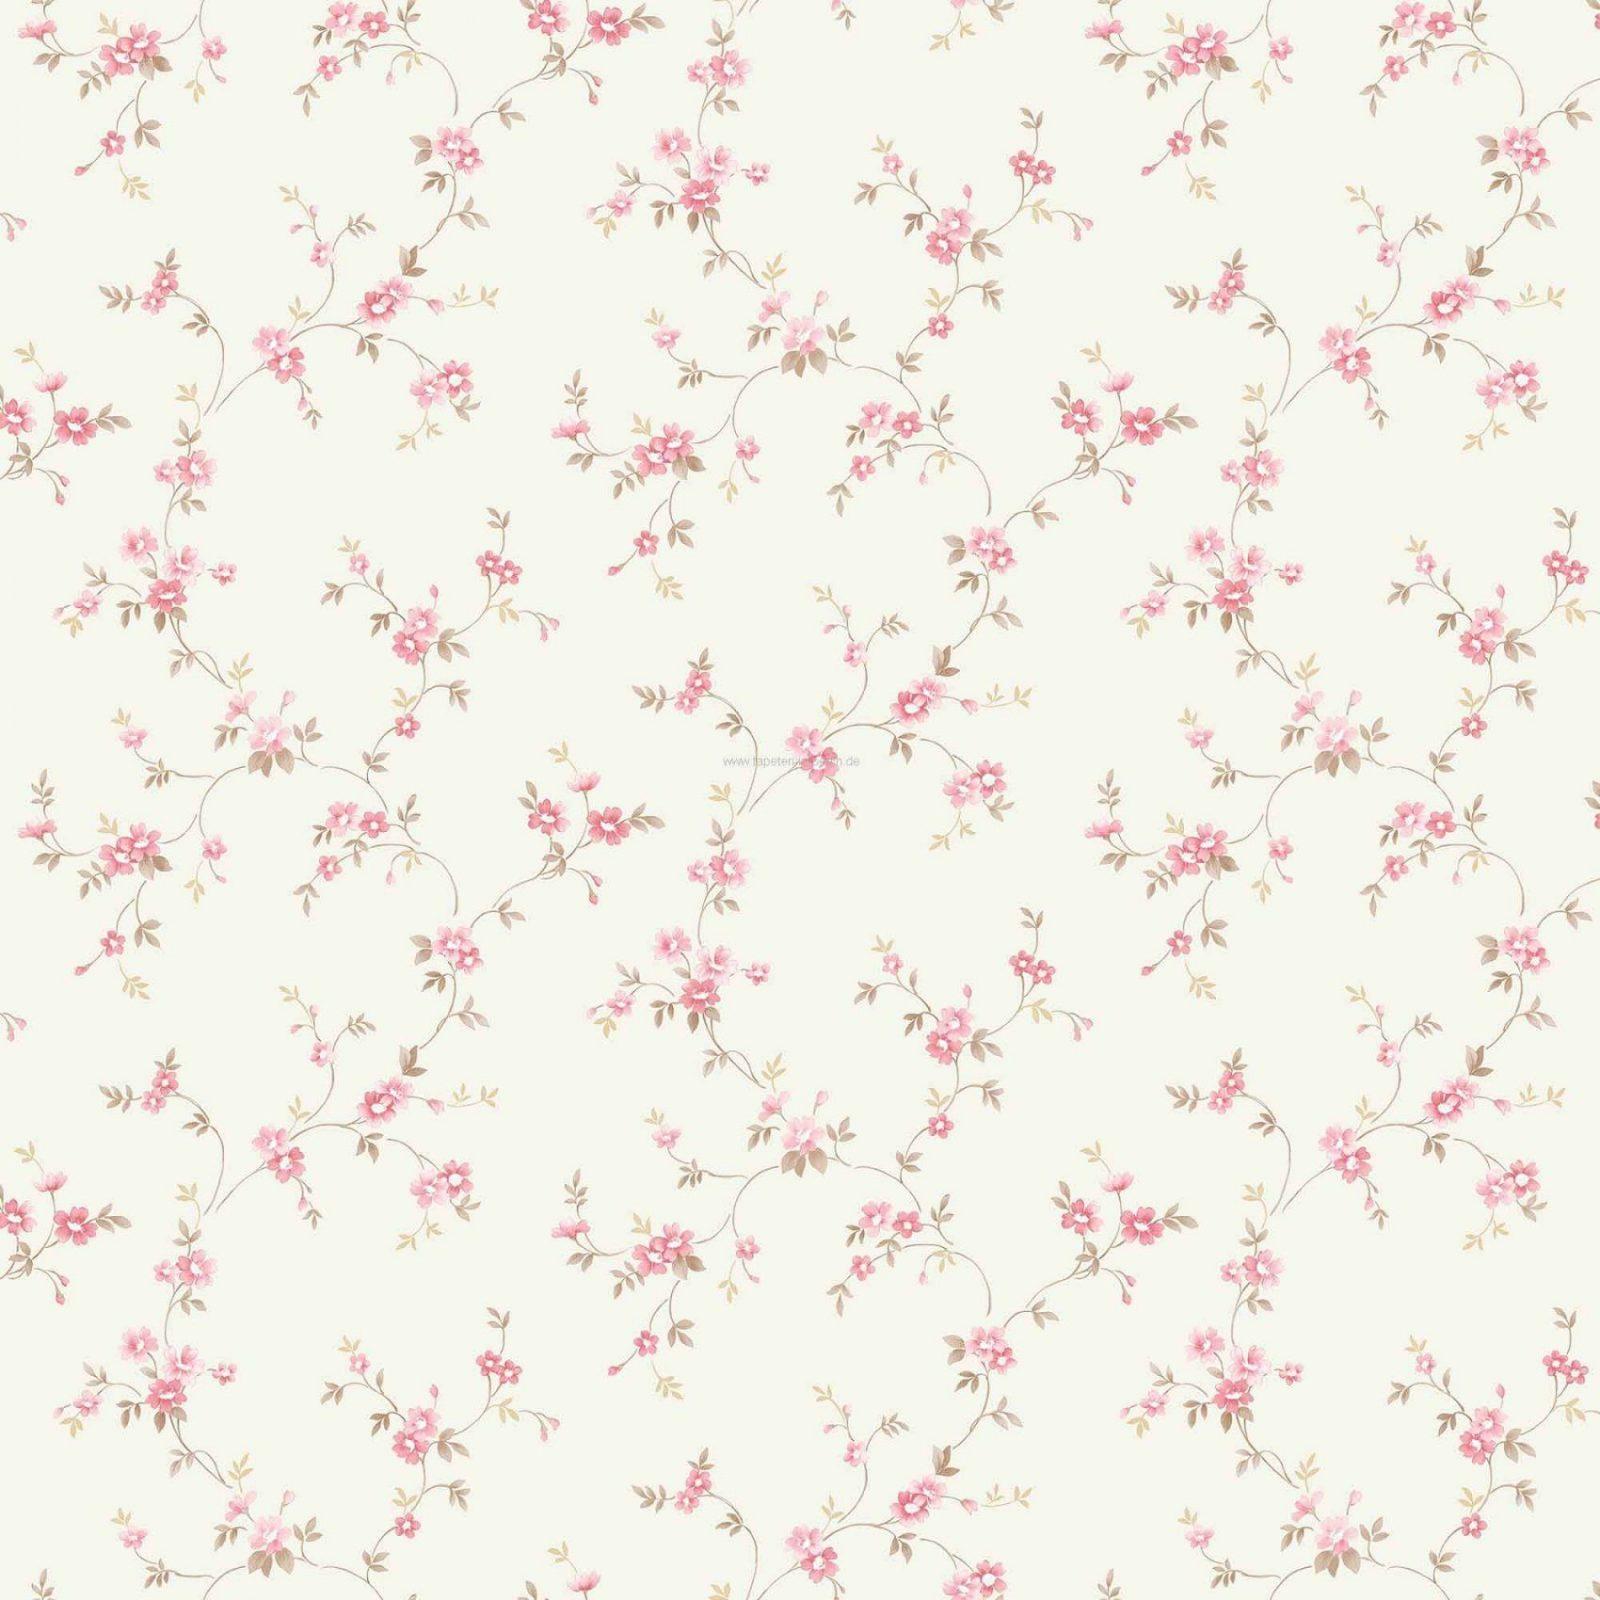 Schöne Ideen Tapete Blümchen Landhausstil Und Fantastische von Tapete Landhaus Floral Blümchen Bild